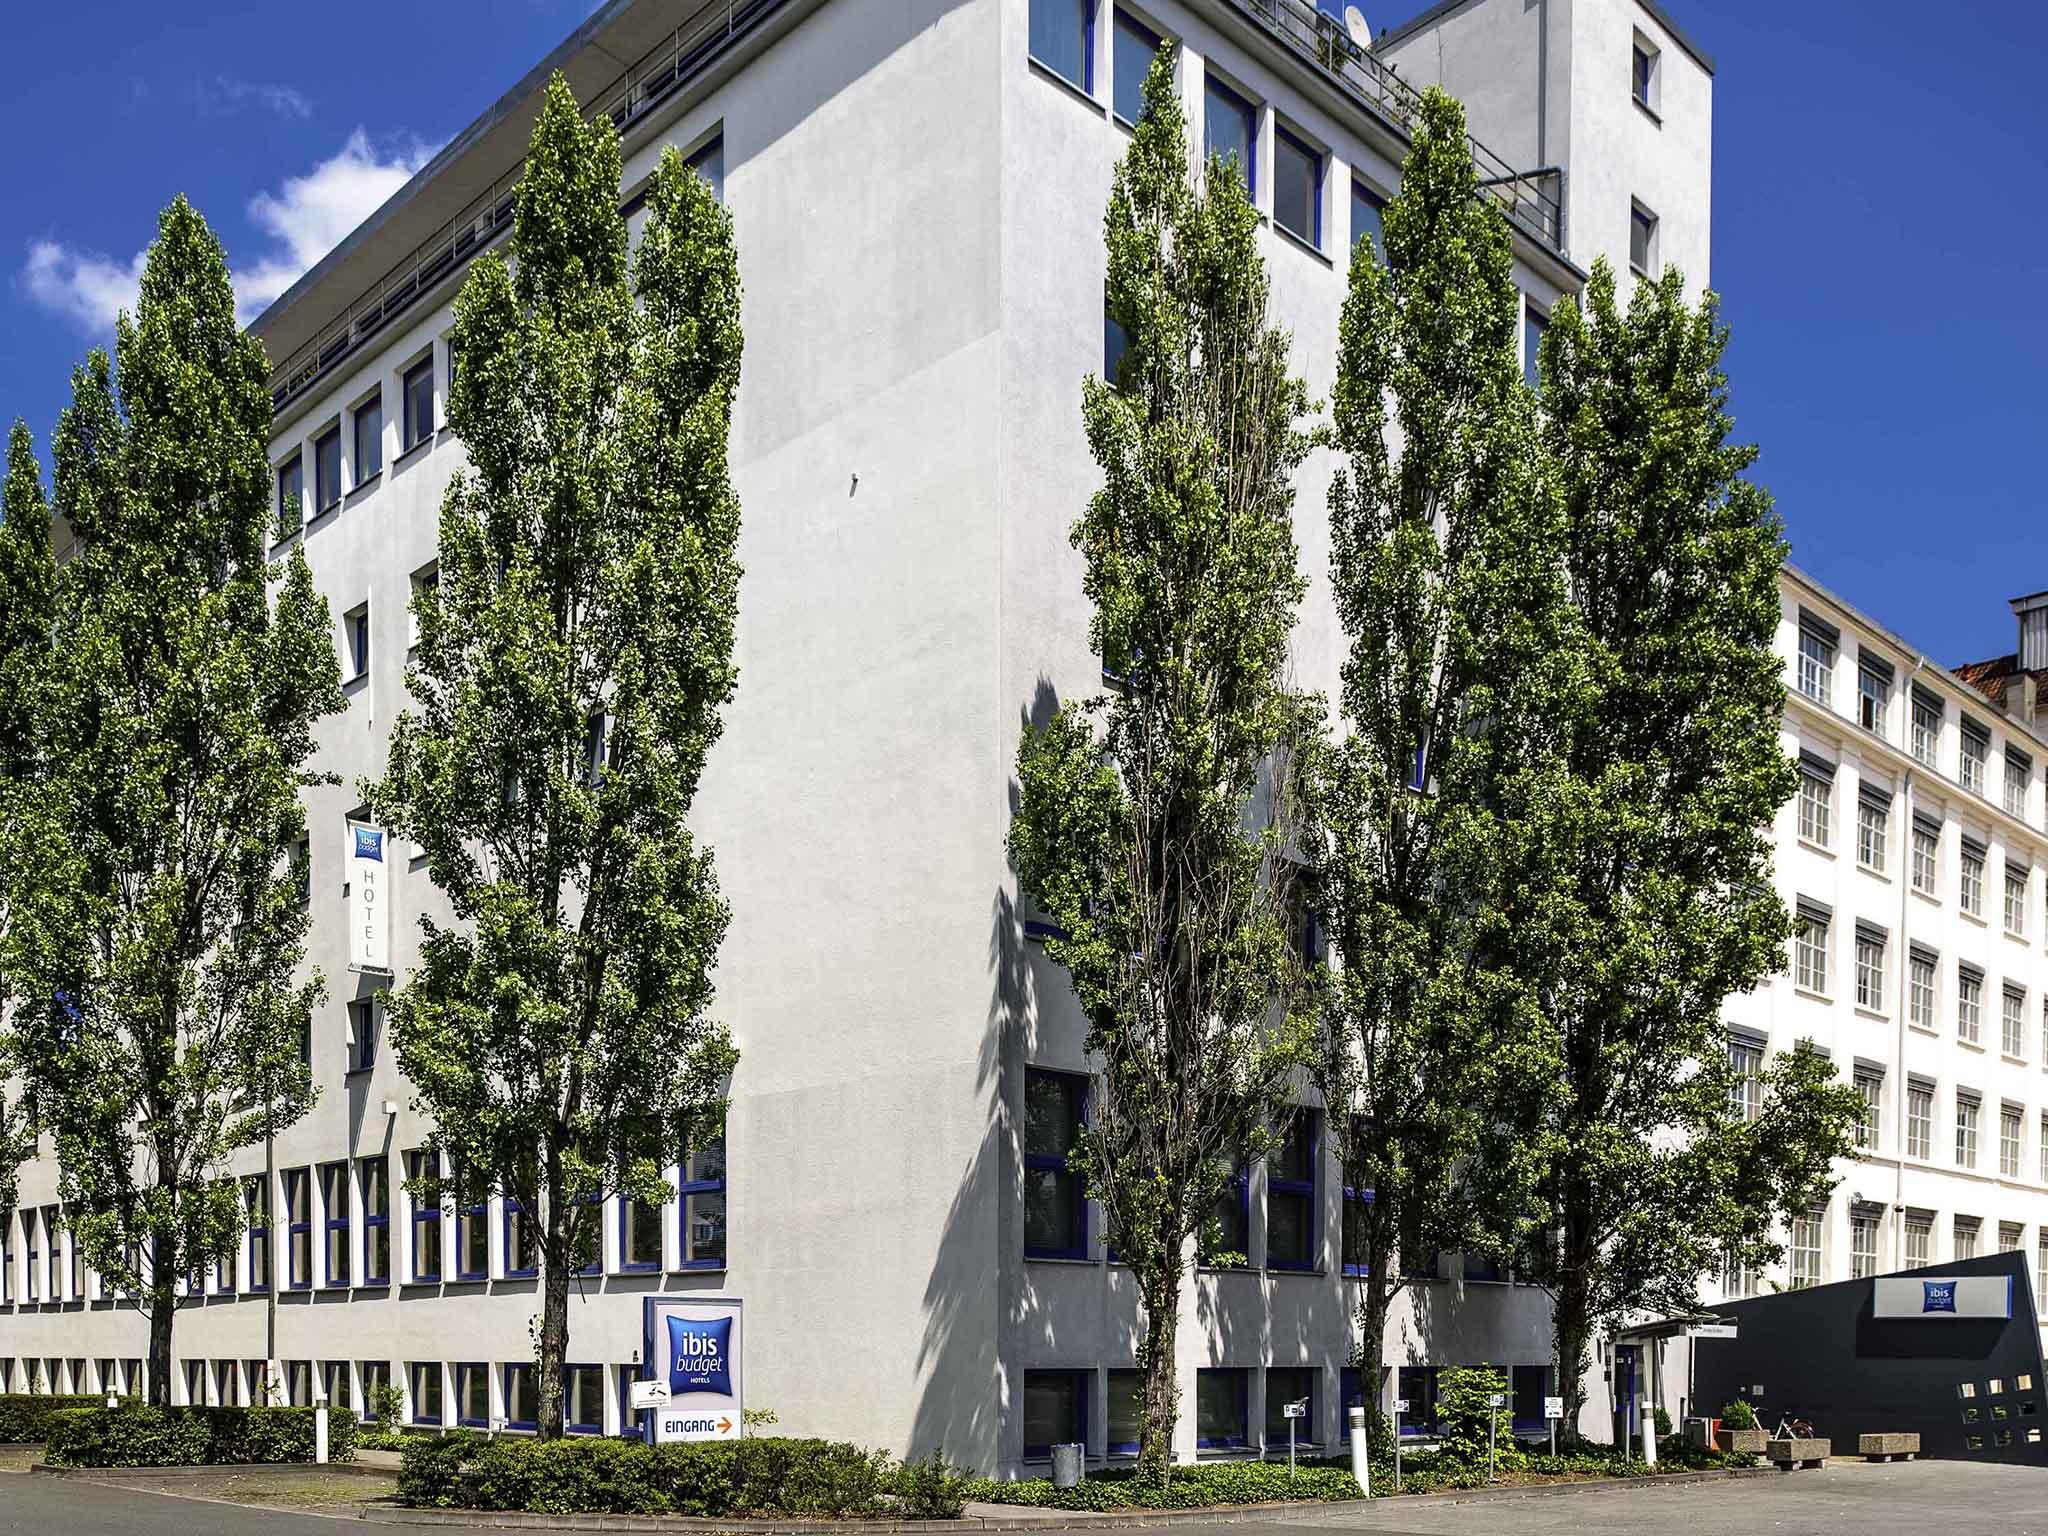 ホテル – イビスバジェットニュルンベルクシティメッセ